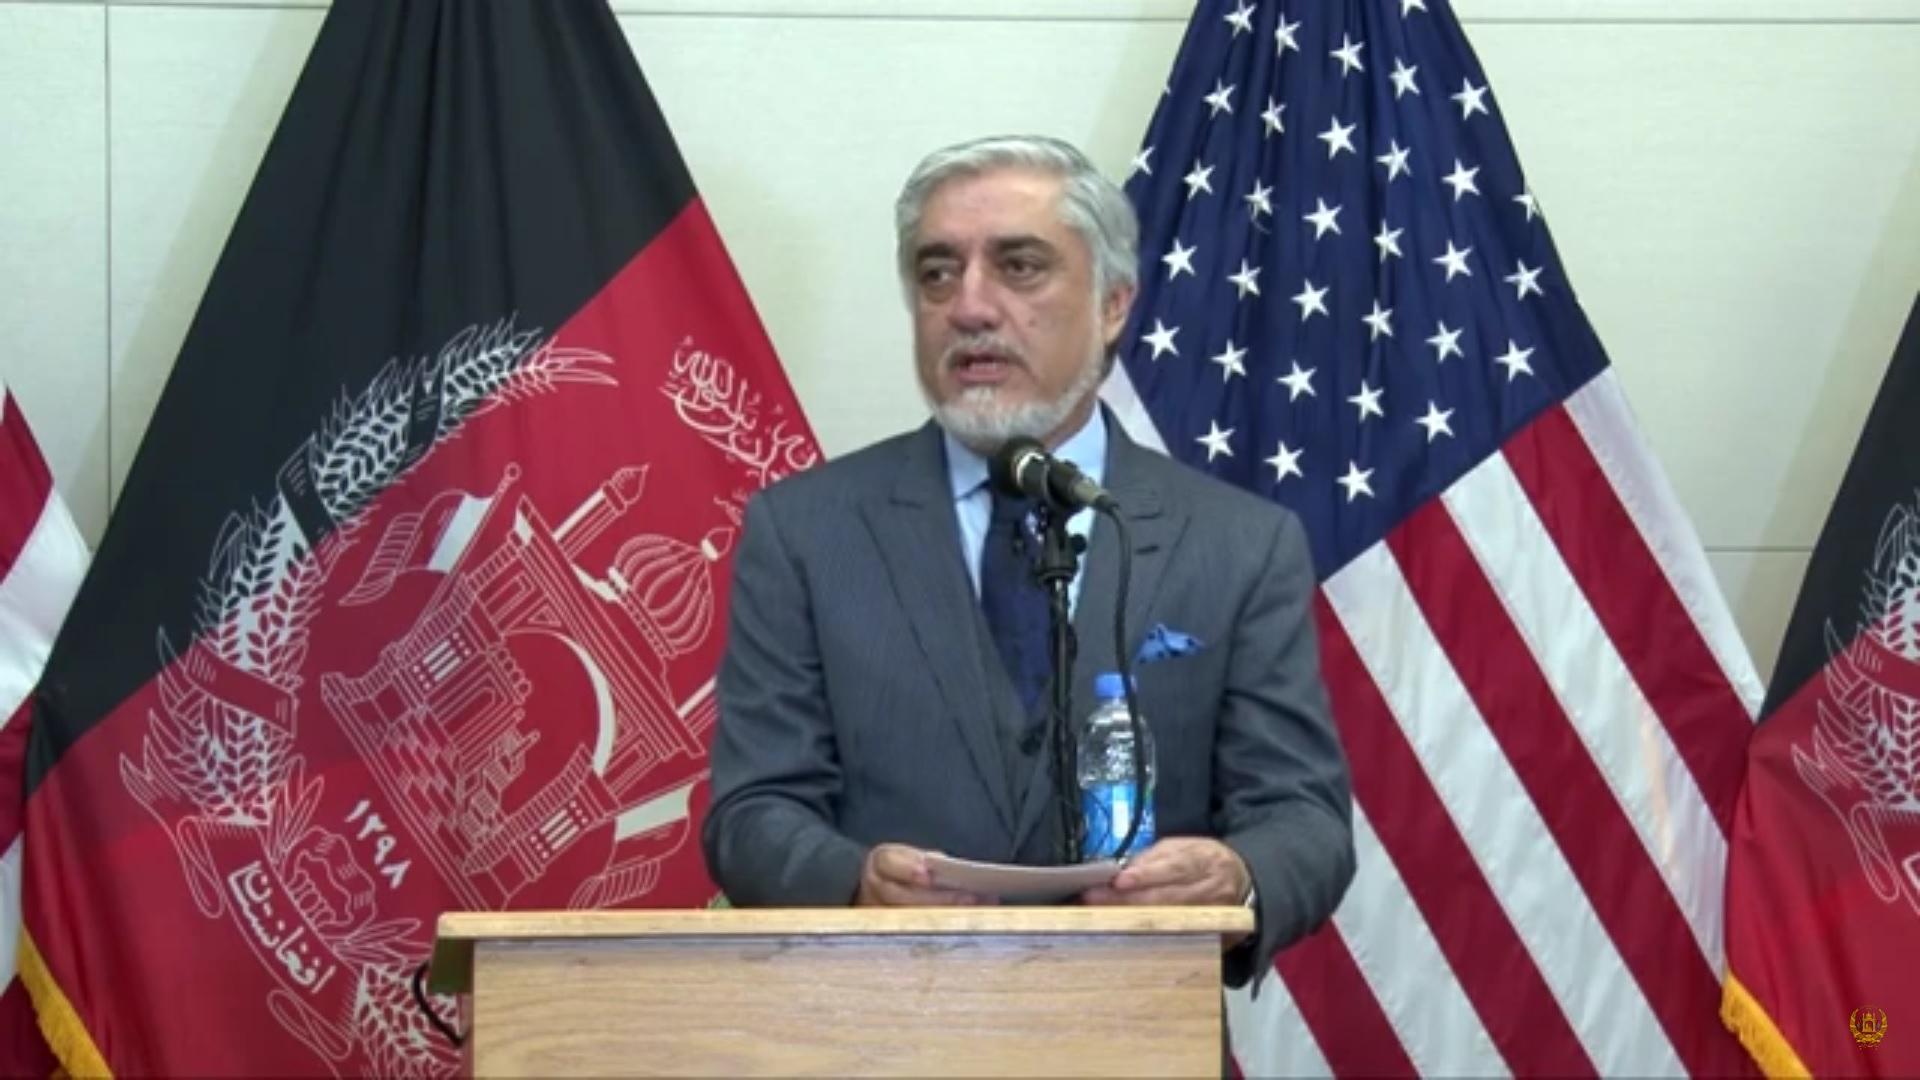 سخنرانی مقدماتی دکتور عبدالله عبدالله درسفارت امریکا به مناسبت بزرگداشت از روز جهانی پناهنده